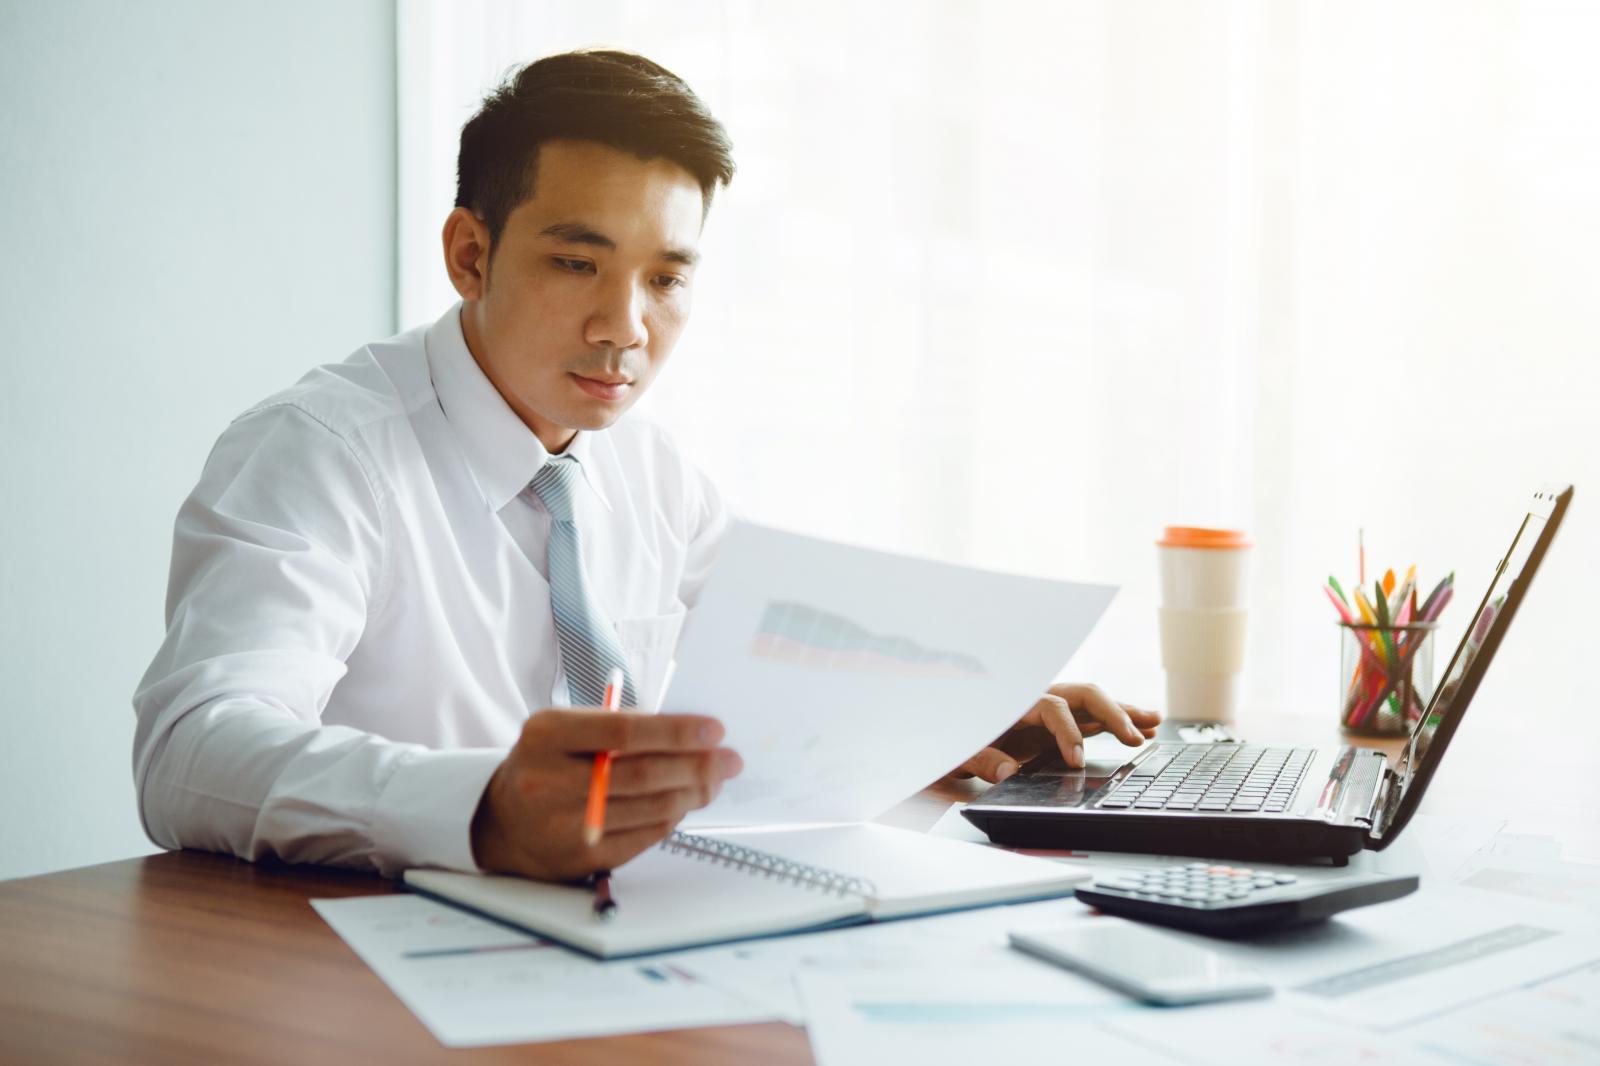 một người đàn ông tay cầm tờ giấy đang ngồi làm việc trên máy tính